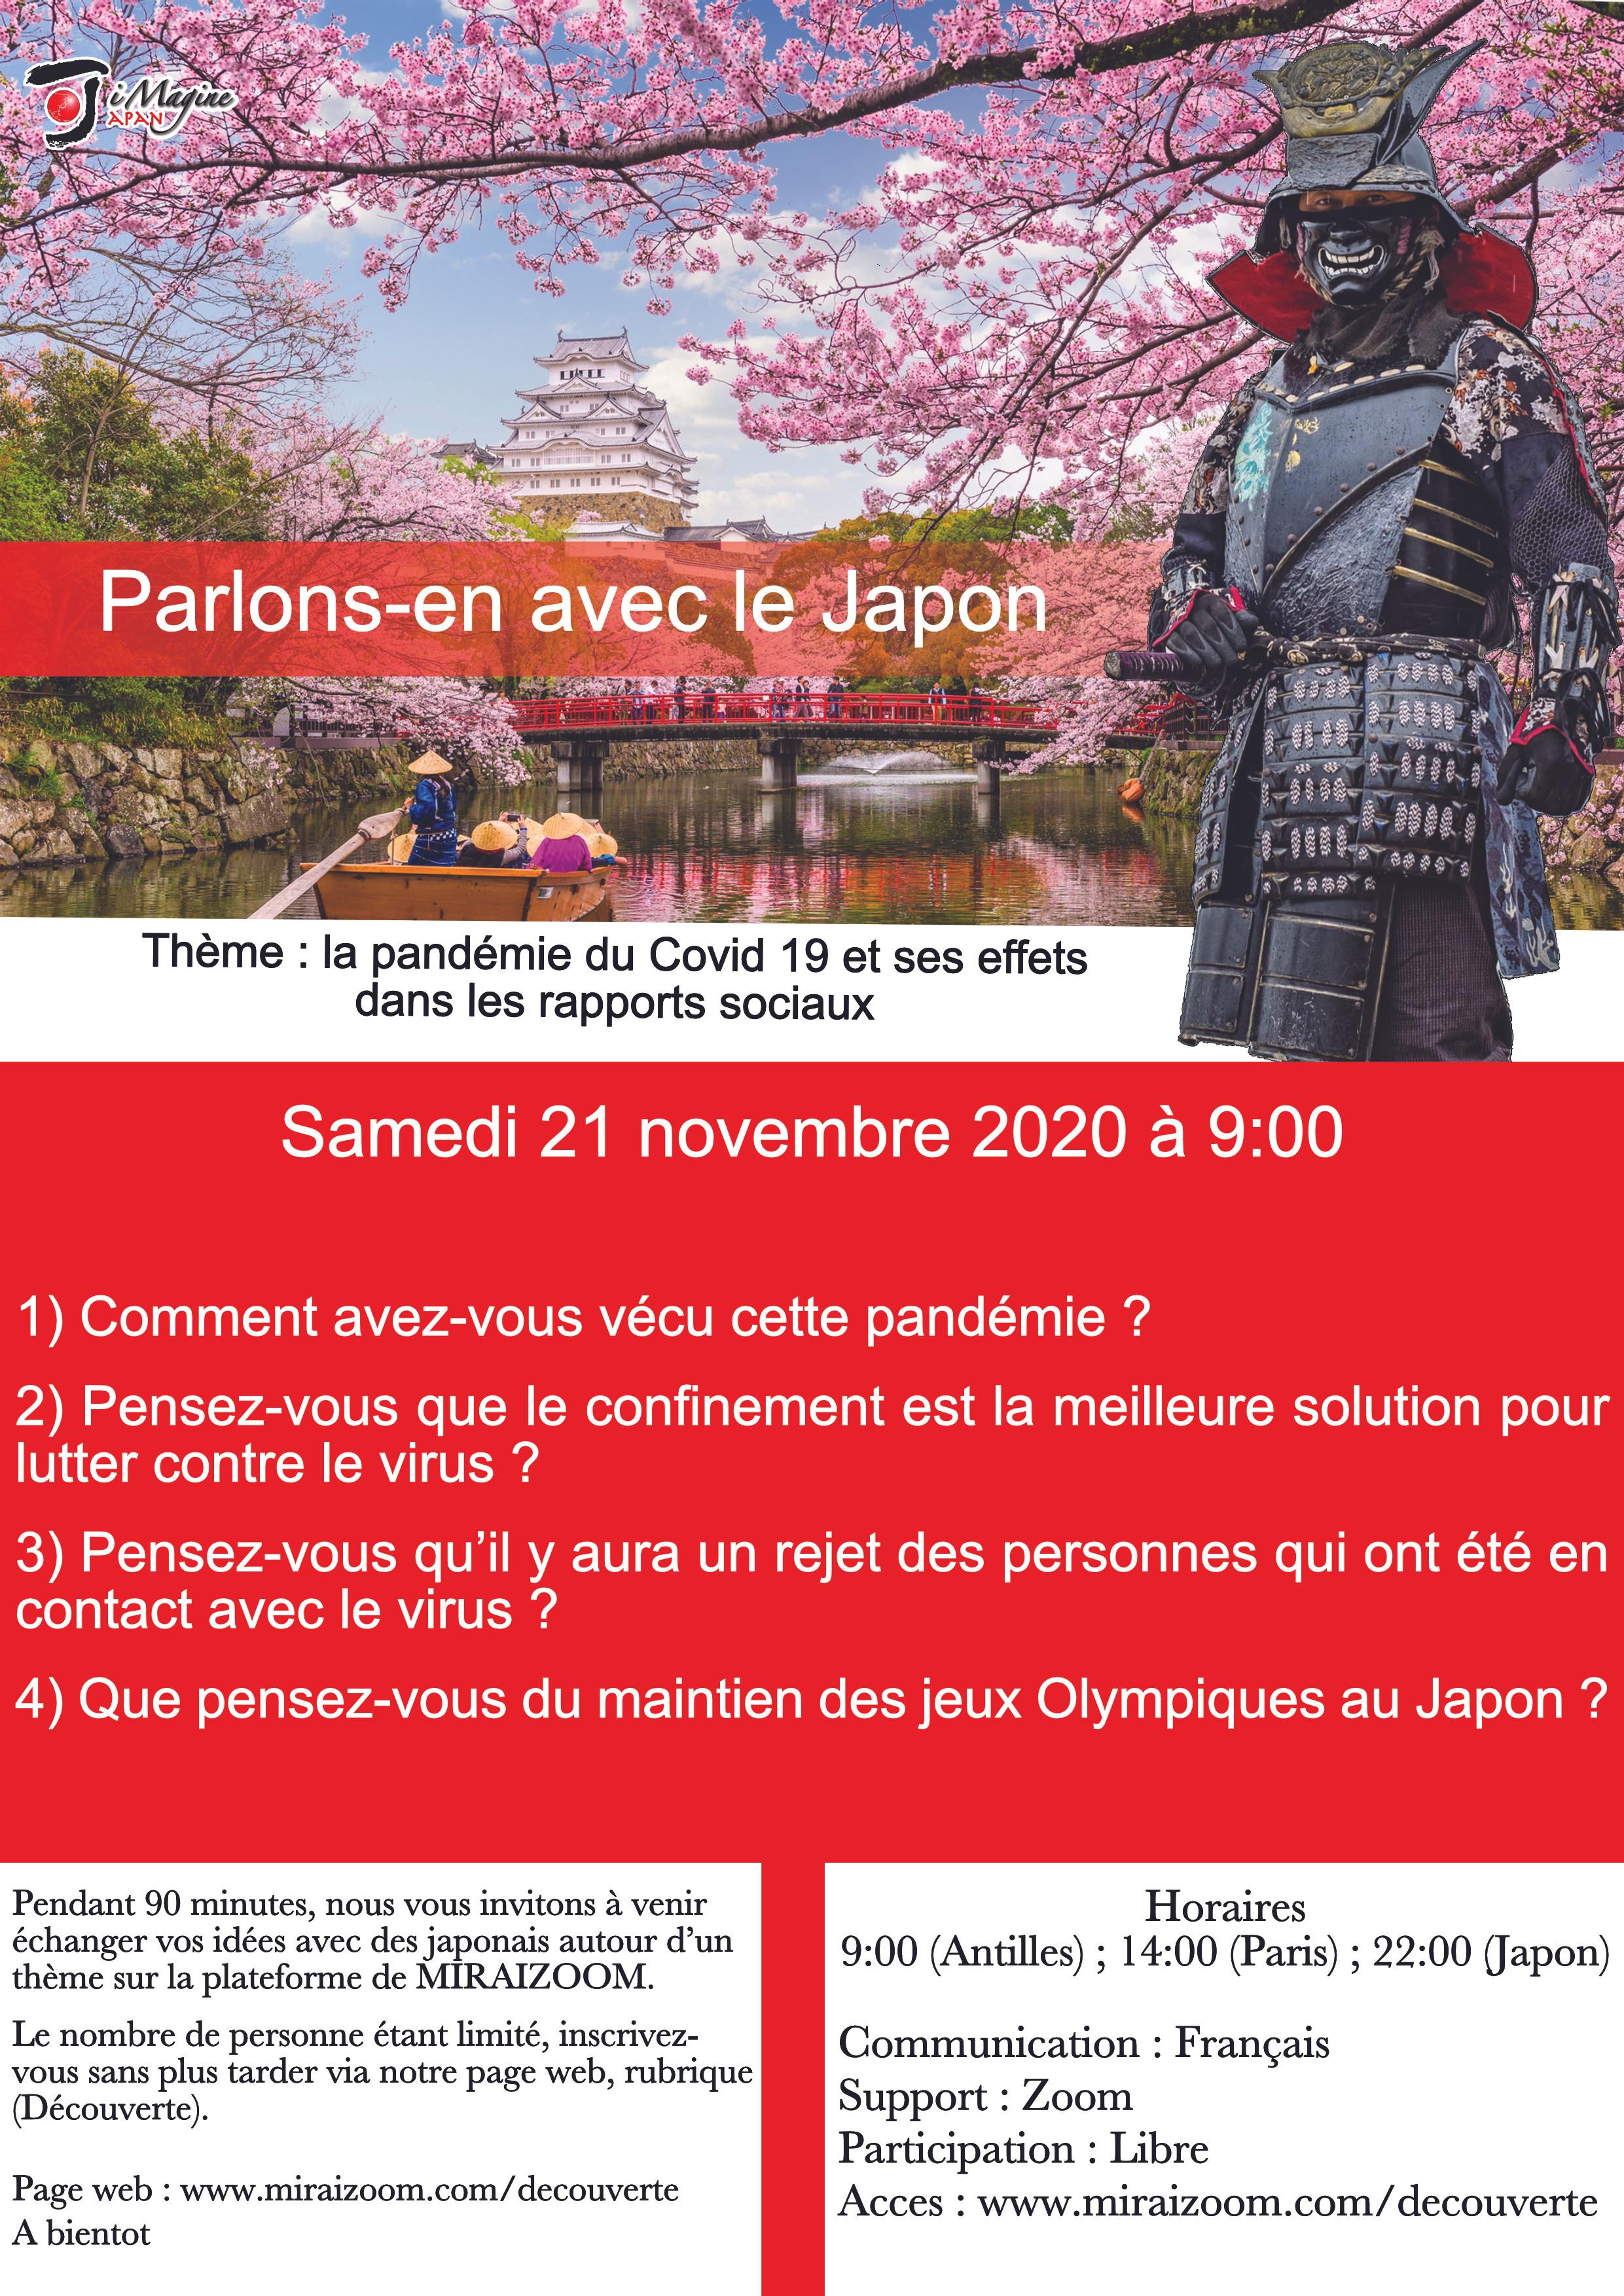 PARLONS-EN AVEC LES JAPONAIS